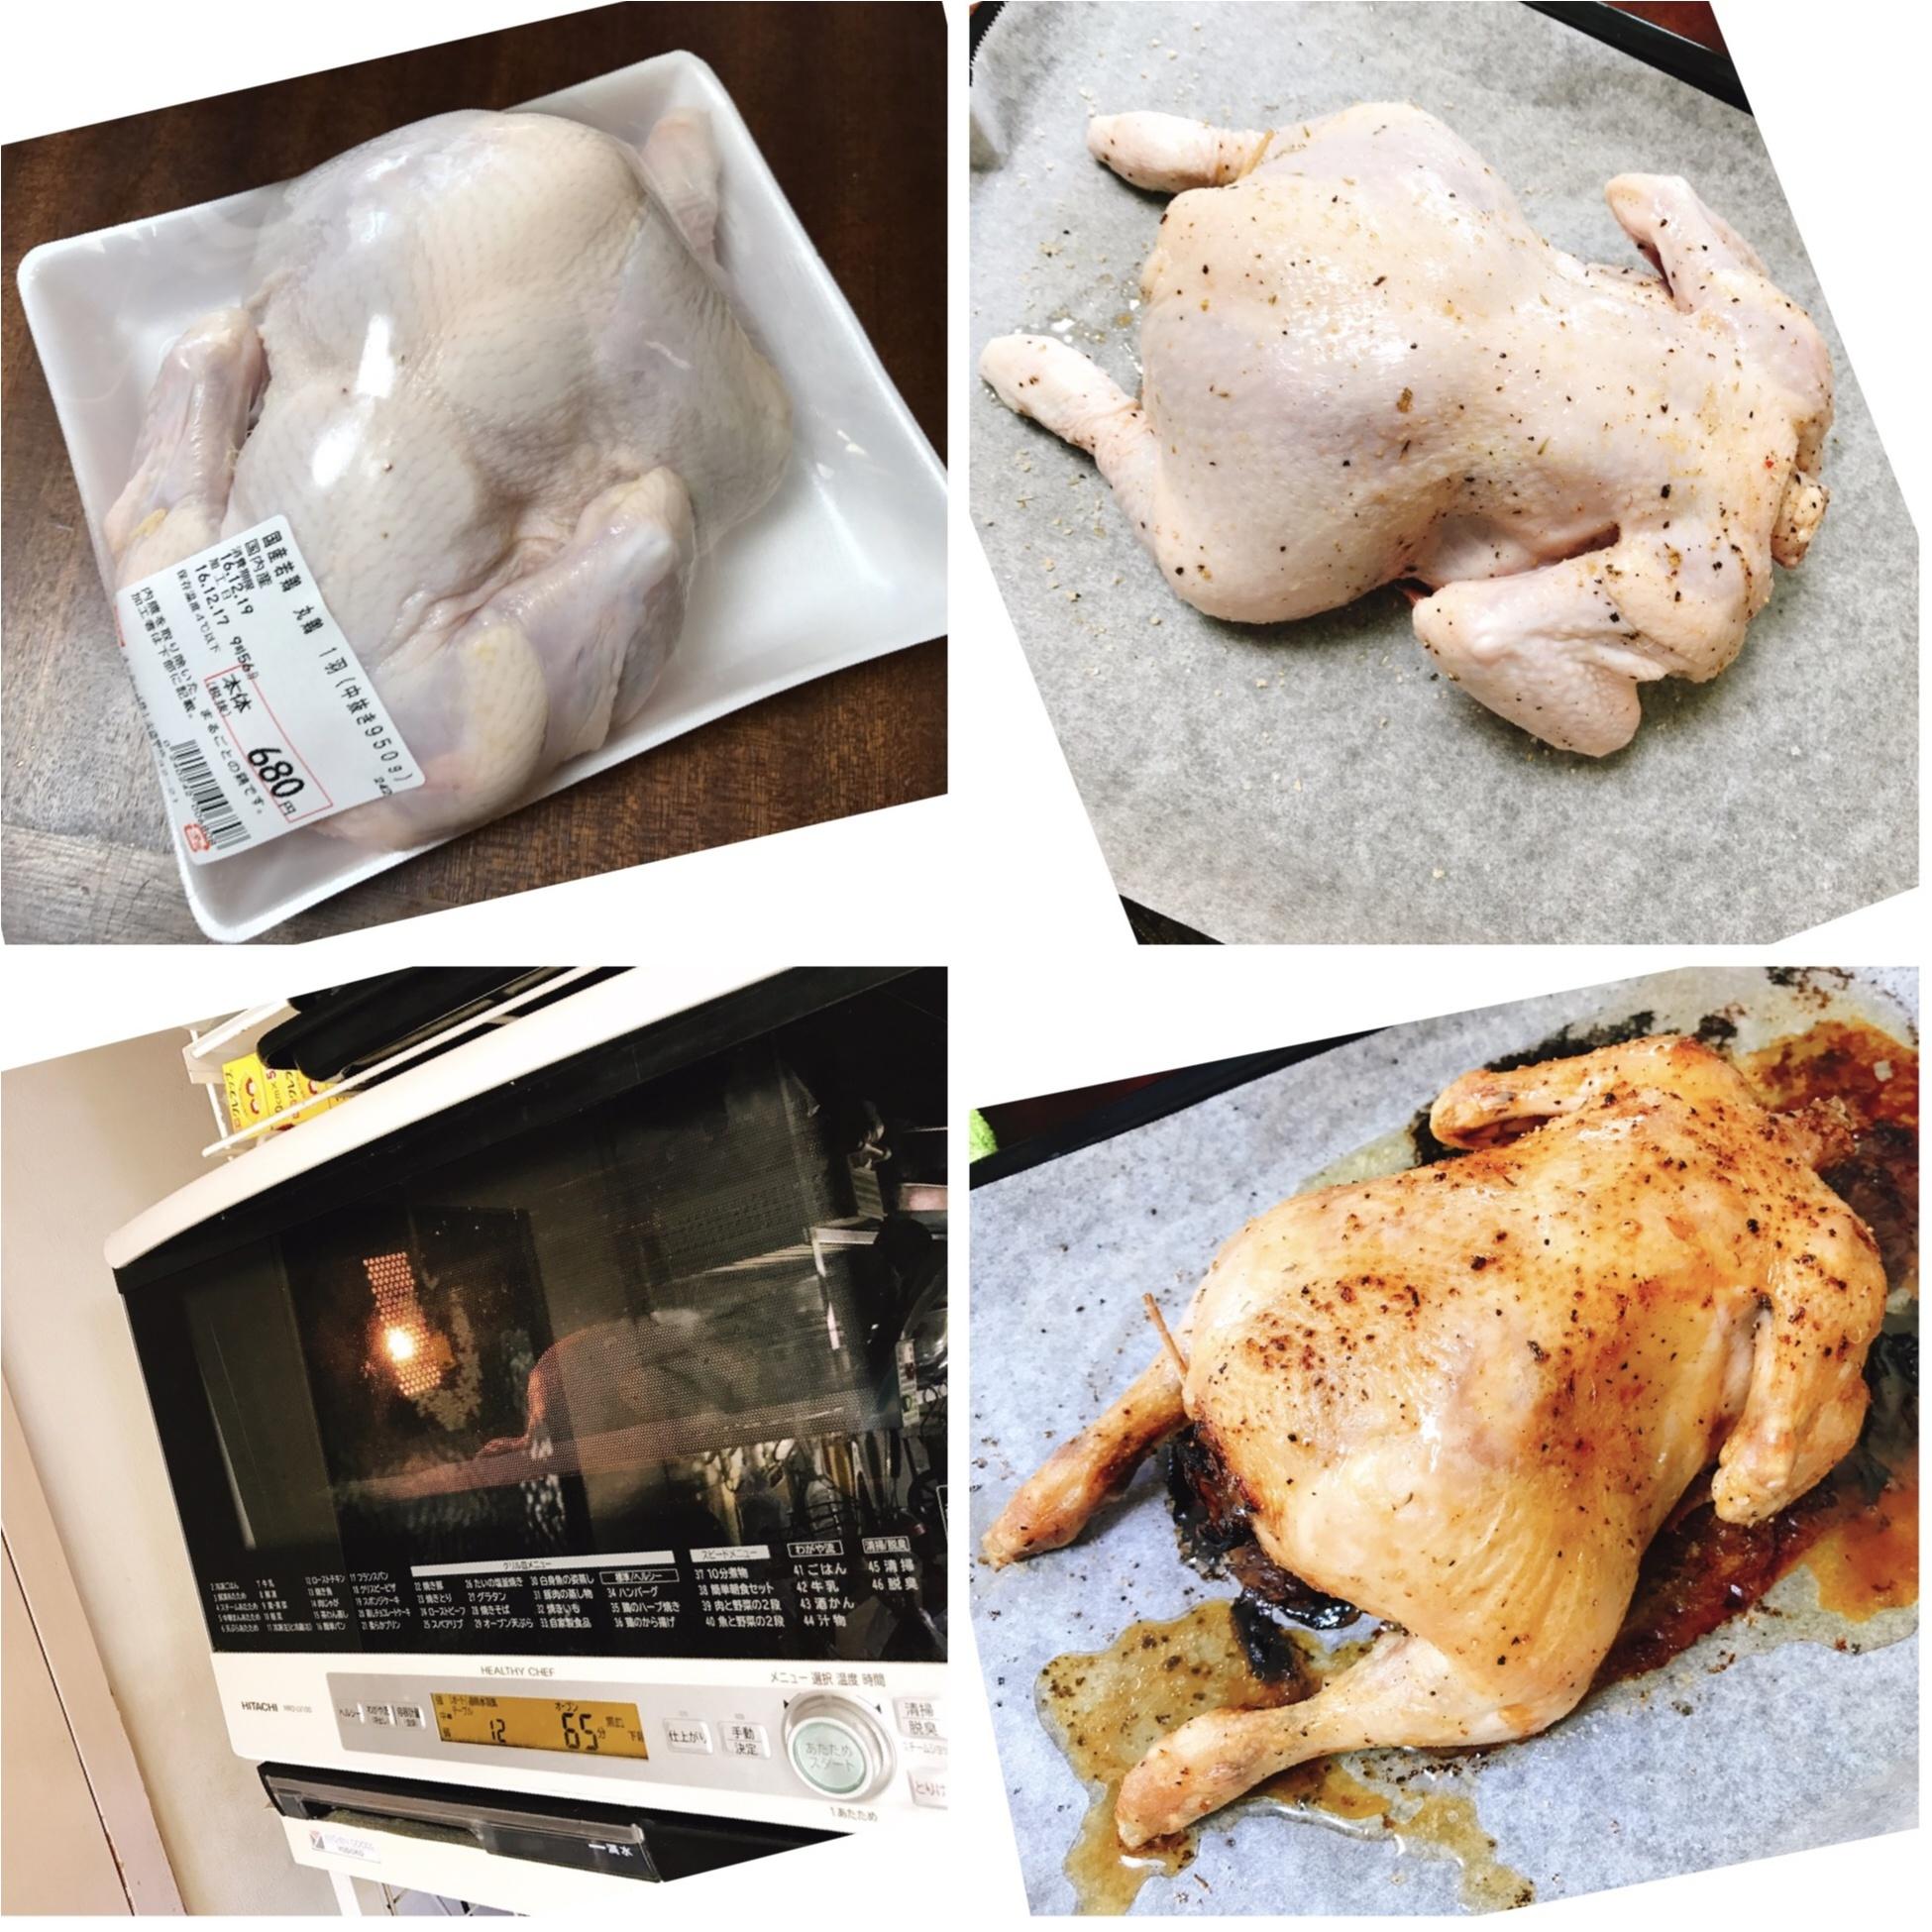 《今年はお家でクリパ♡》みんなでわいわい作って楽しもう♪クリスマスにぴったりな手作り料理3品はこれっ‼︎_4